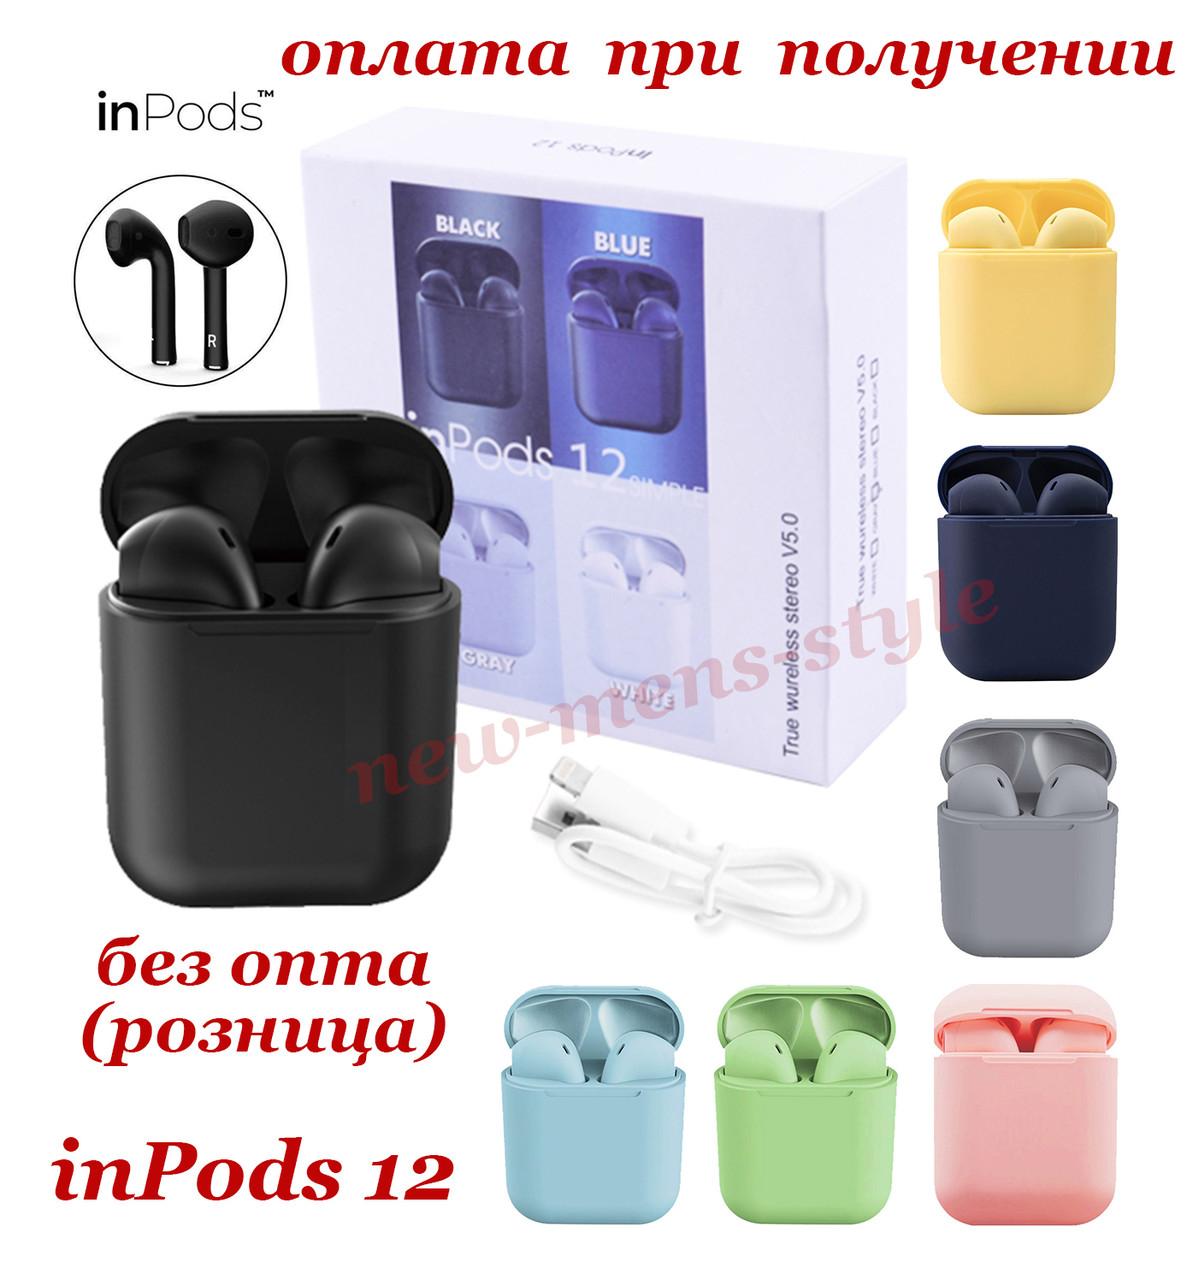 Бездротові вакуумні Bluetooth навушники Apple AirPods inPods i12 TWS з зарядним боксом в роздріб СЕНСОРНІ